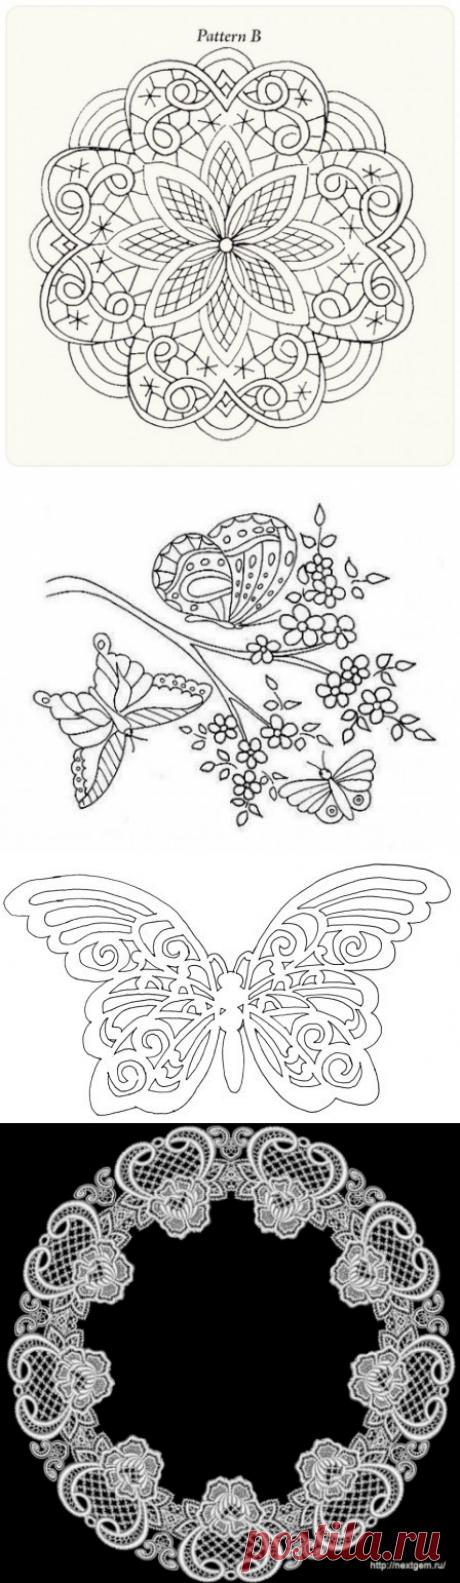 кружевные шаблоны для росписи